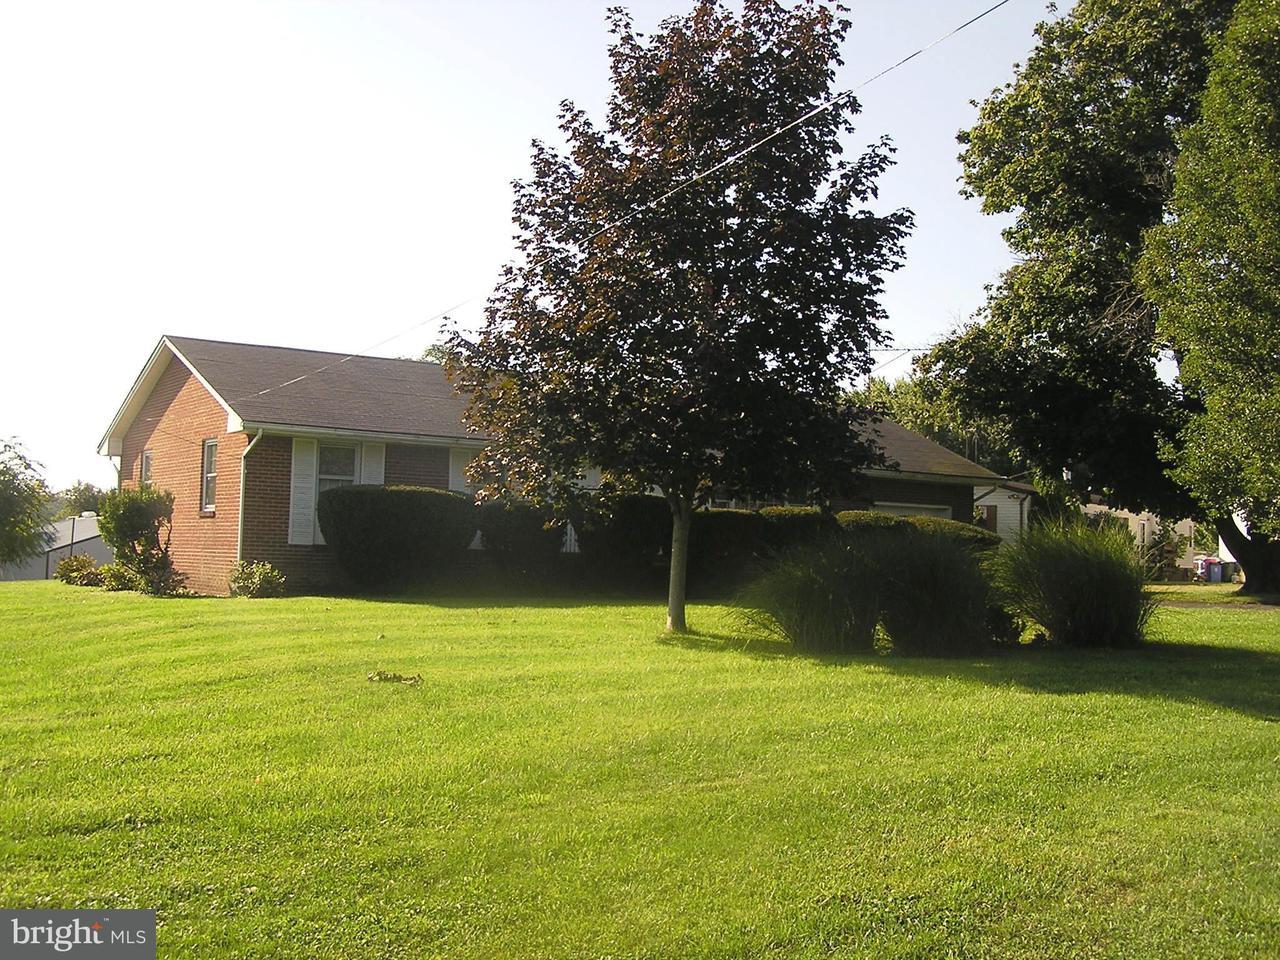 Μονοκατοικία για την Πώληση στο 2682 Martinsburg Pike 2682 Martinsburg Pike Stephenson, Βιρτζινια 22656 Ηνωμενεσ Πολιτειεσ